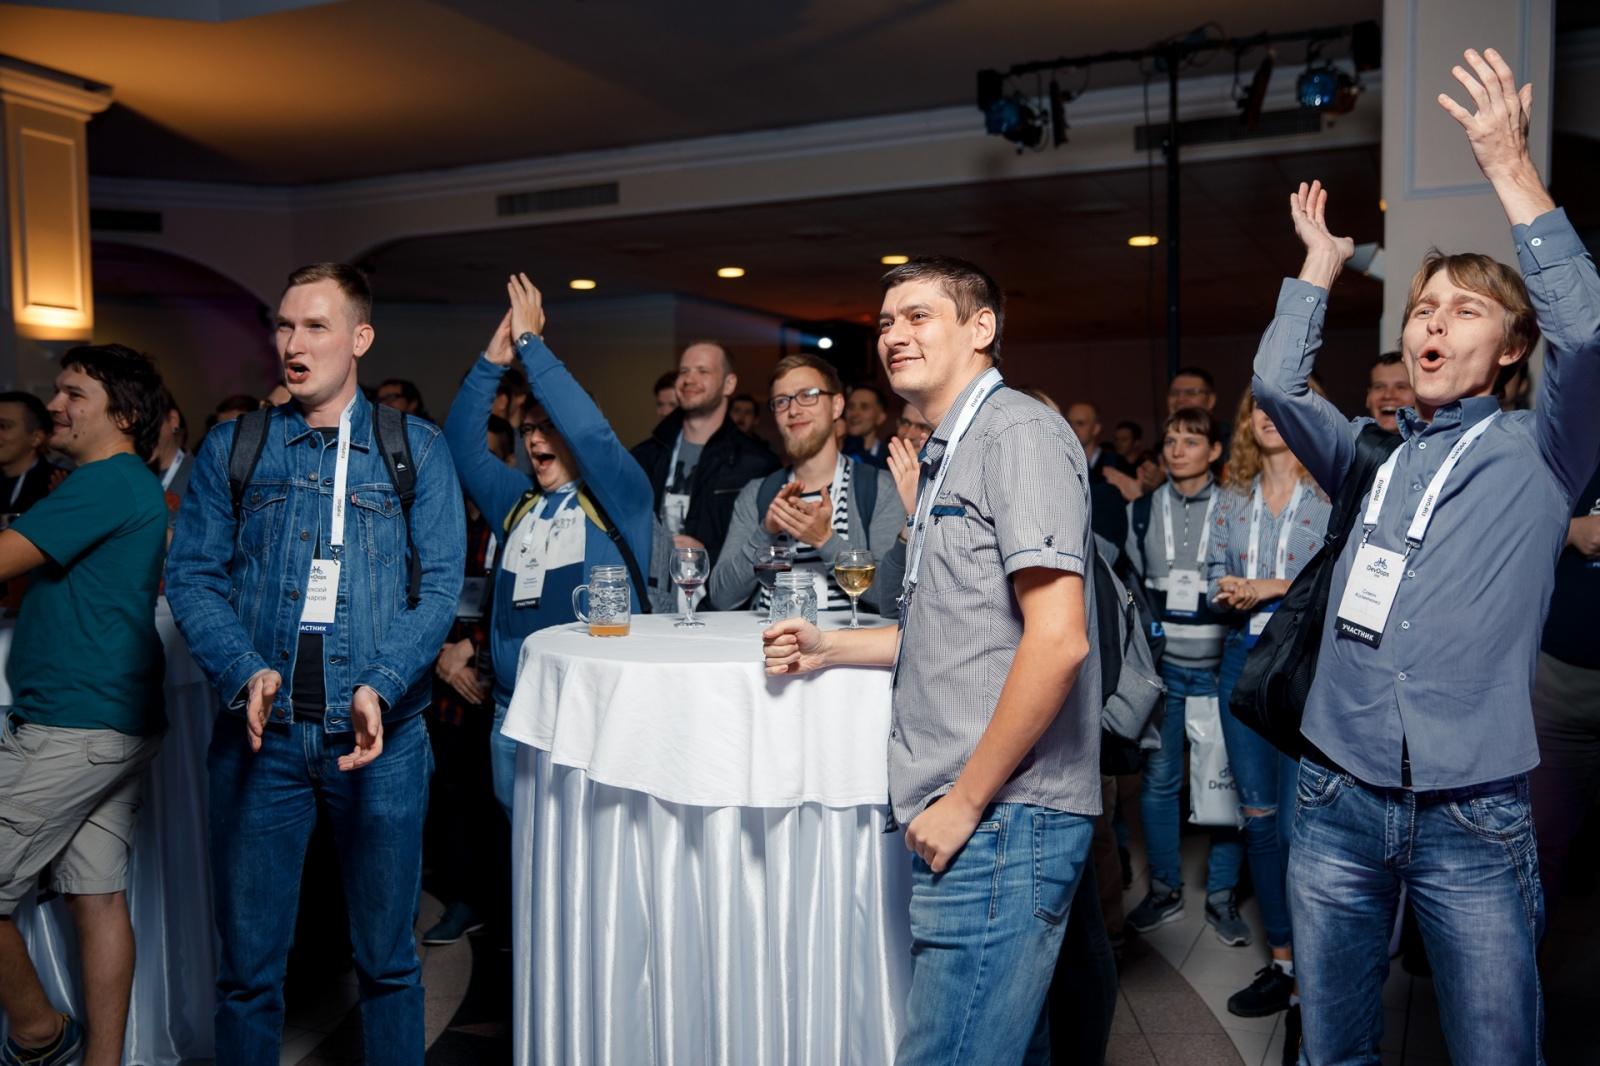 Бесплатная трансляция DevOops 2019 и C++ Russia 2019 Piter - 6